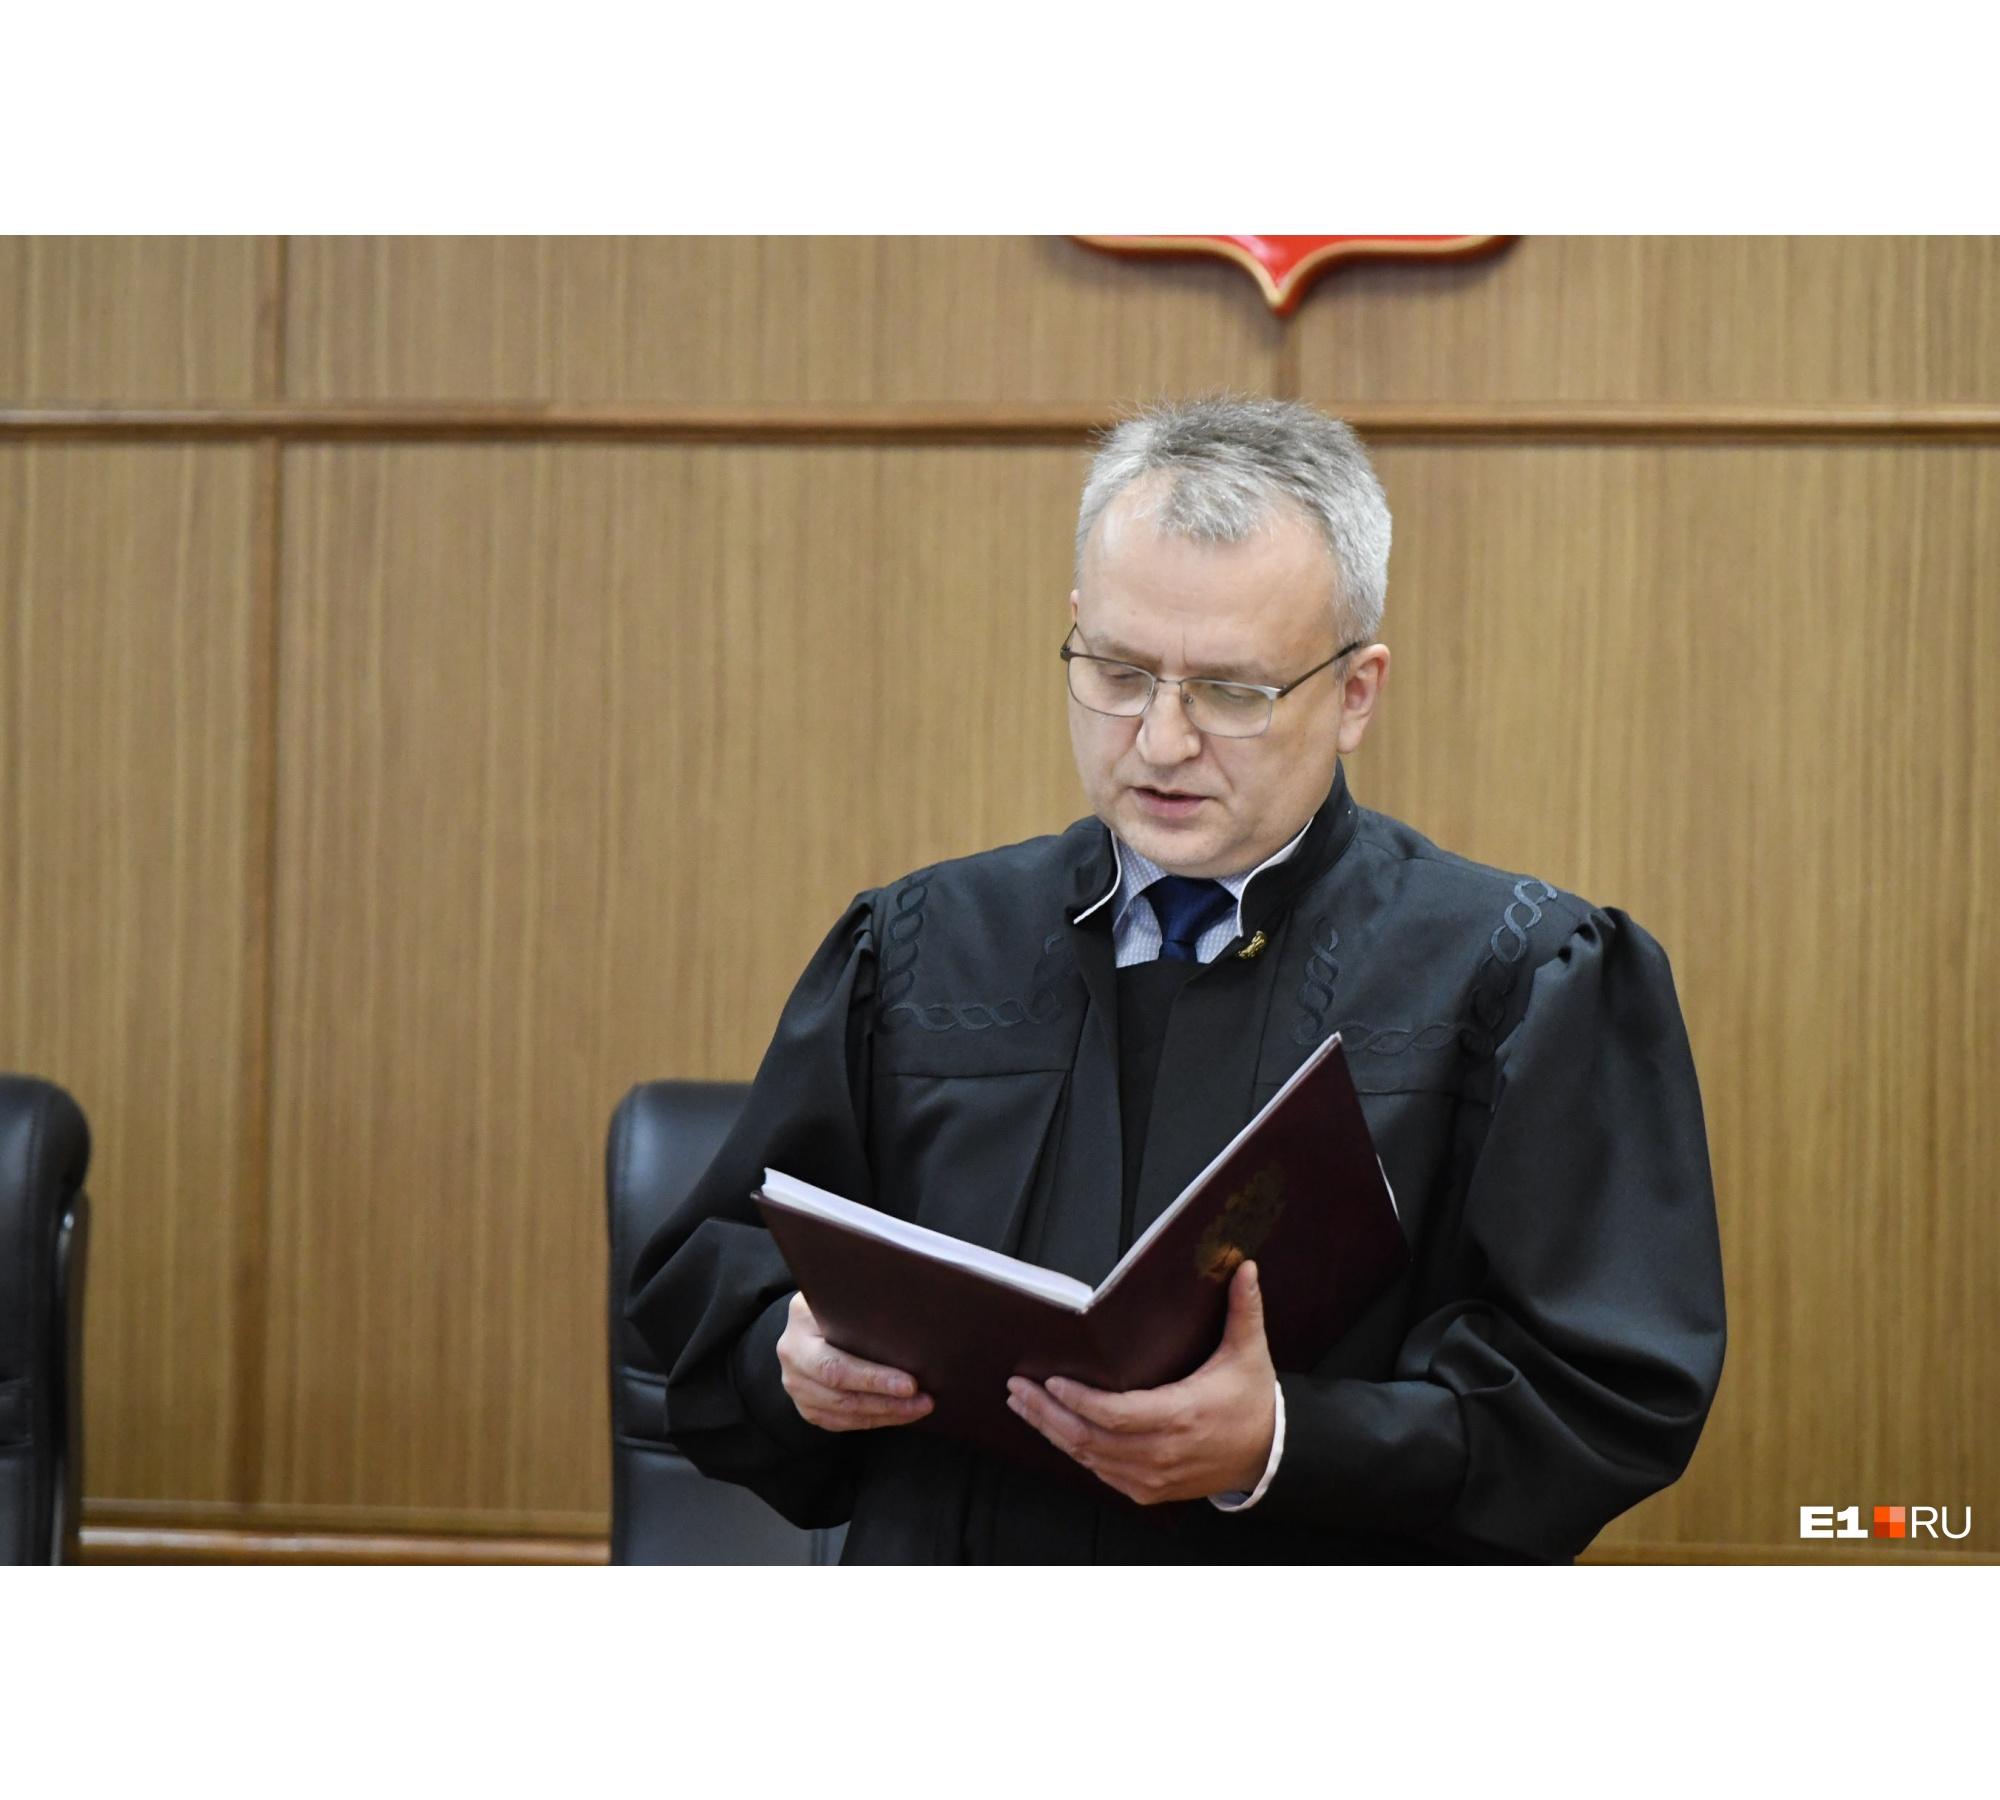 Большой приговор судья может читать несколько часов